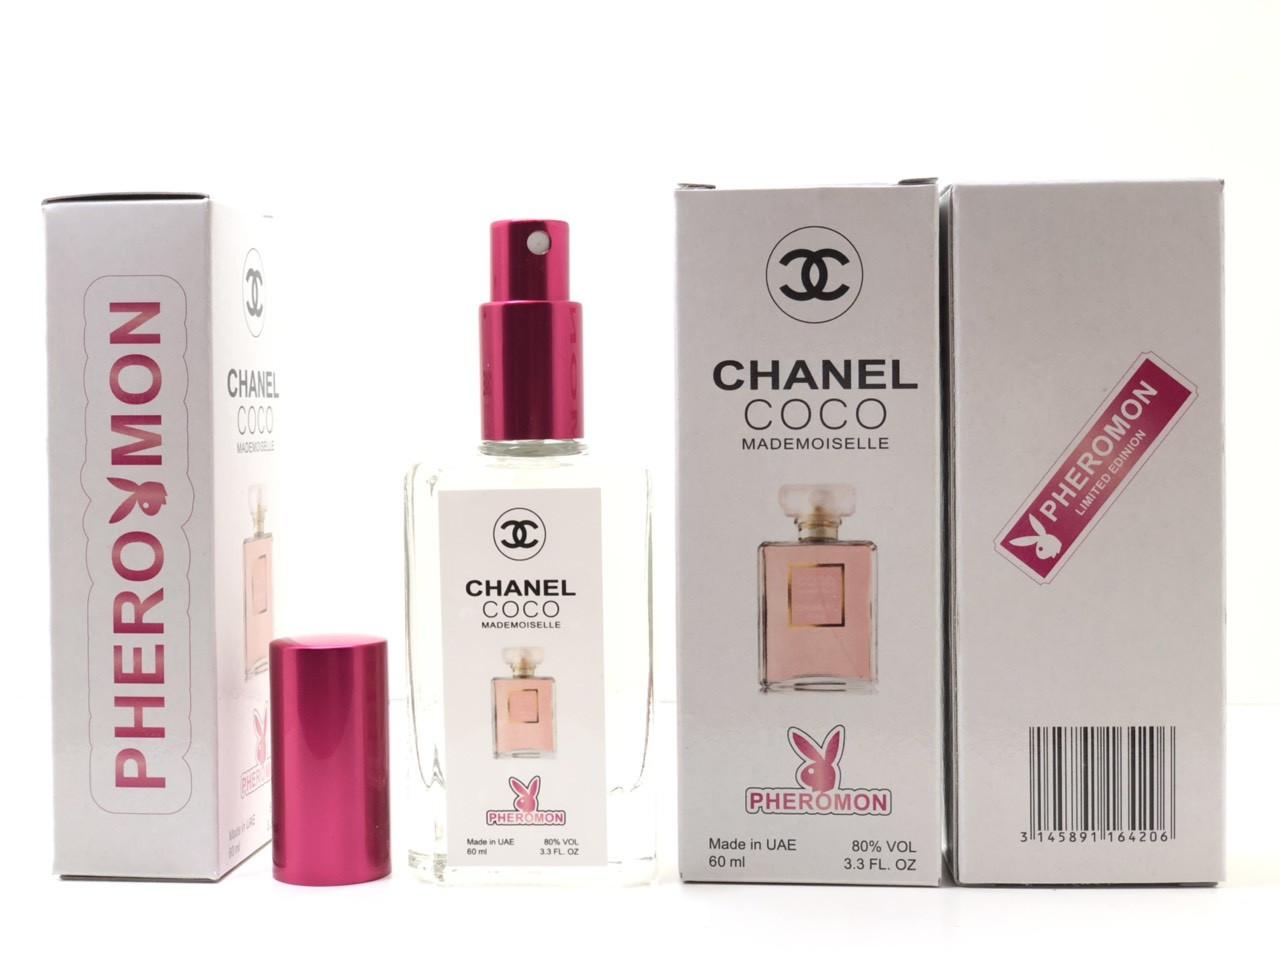 Тестер в подарочной упаковке CHANEL COCO MADEMOISELLE 60 мл в цветной упаковке с феромонами реплика